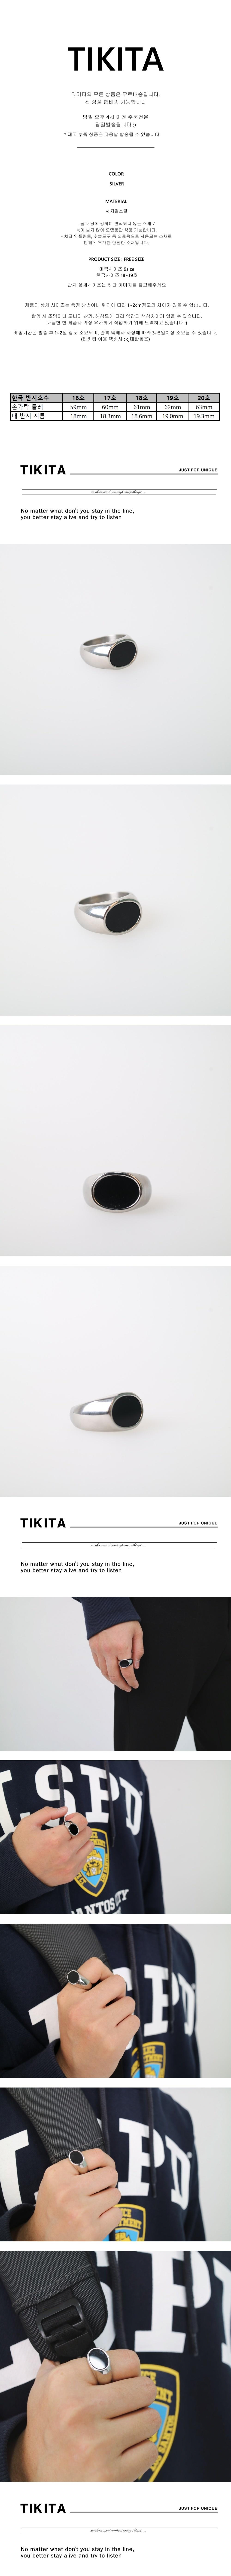 남자 반지 오닉스 블랙 펜던트 링 onyx black - 티키타, 19,000원, 남성주얼리, 반지